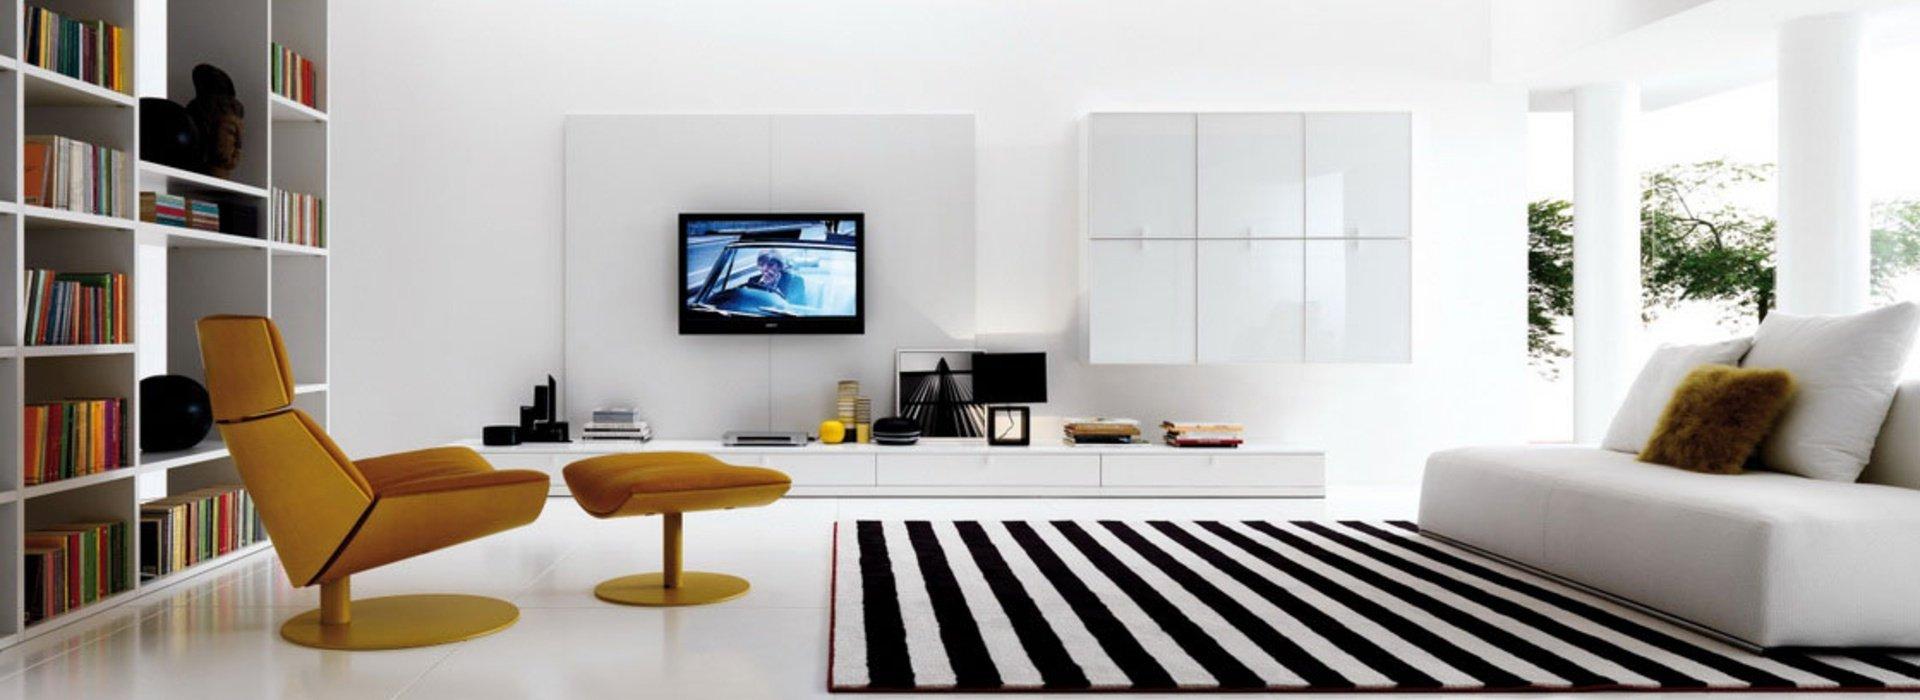 Lavado de muebles cdmx limpieza de alfombras y salas df for Limpieza de muebles